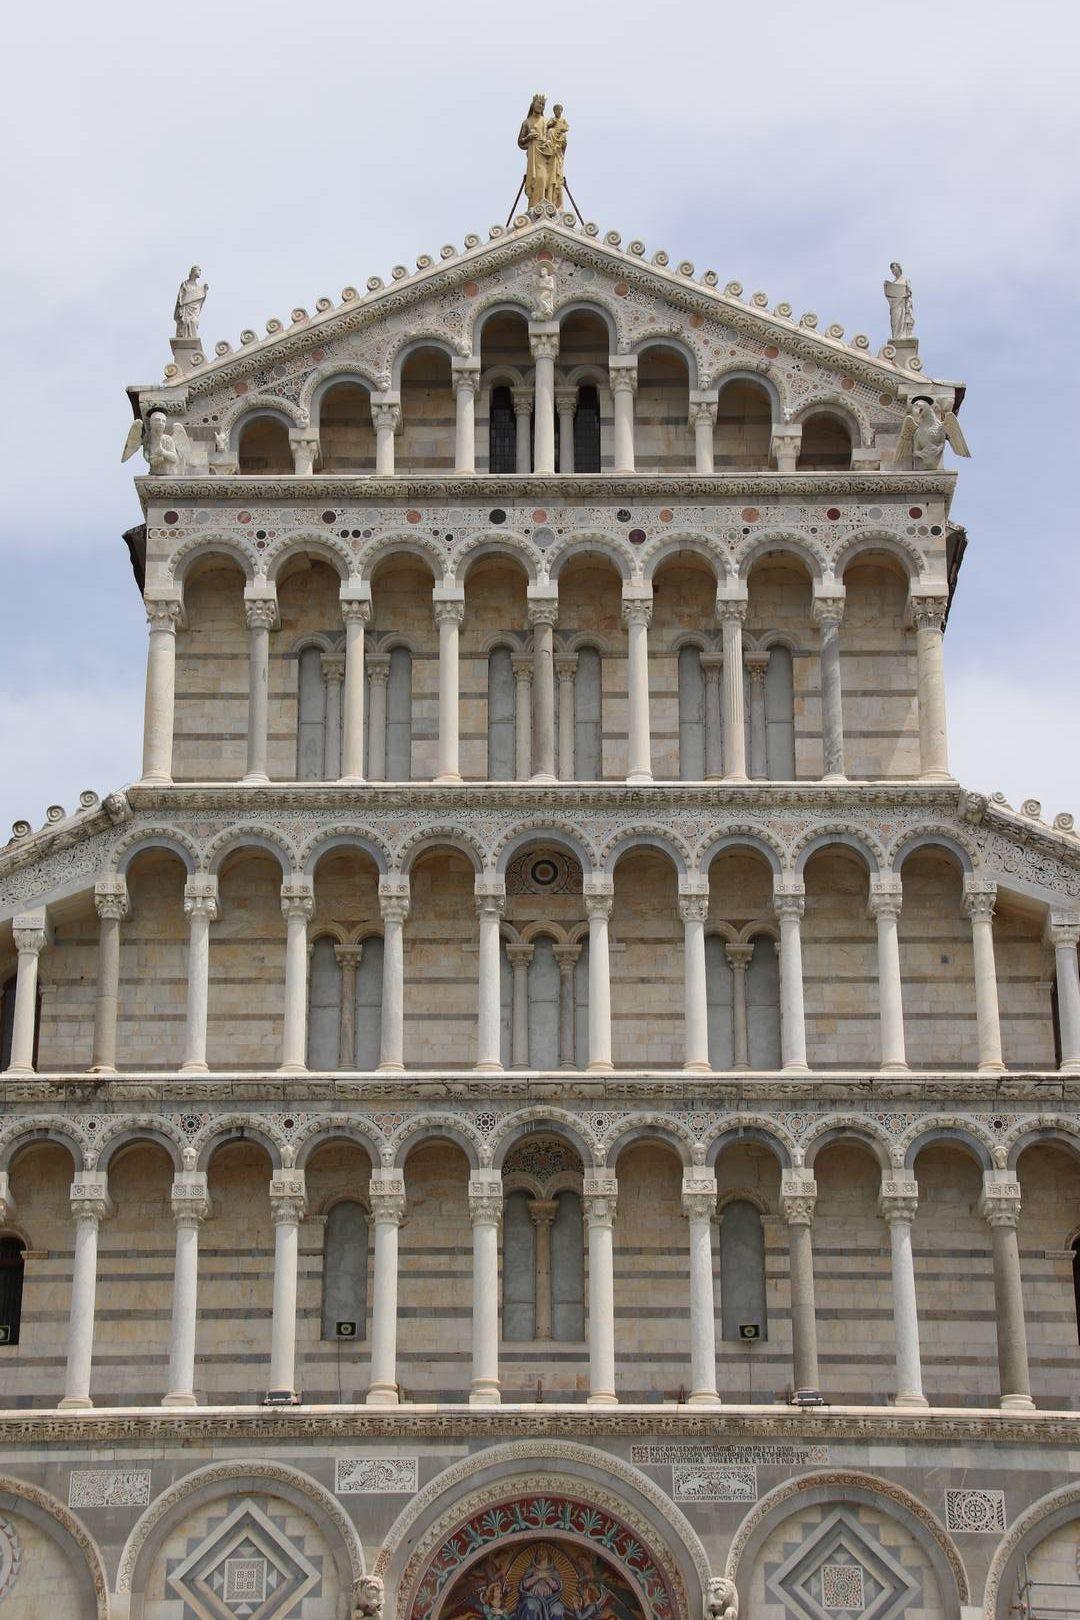 Italie - Détails de la cathédrale de Pise